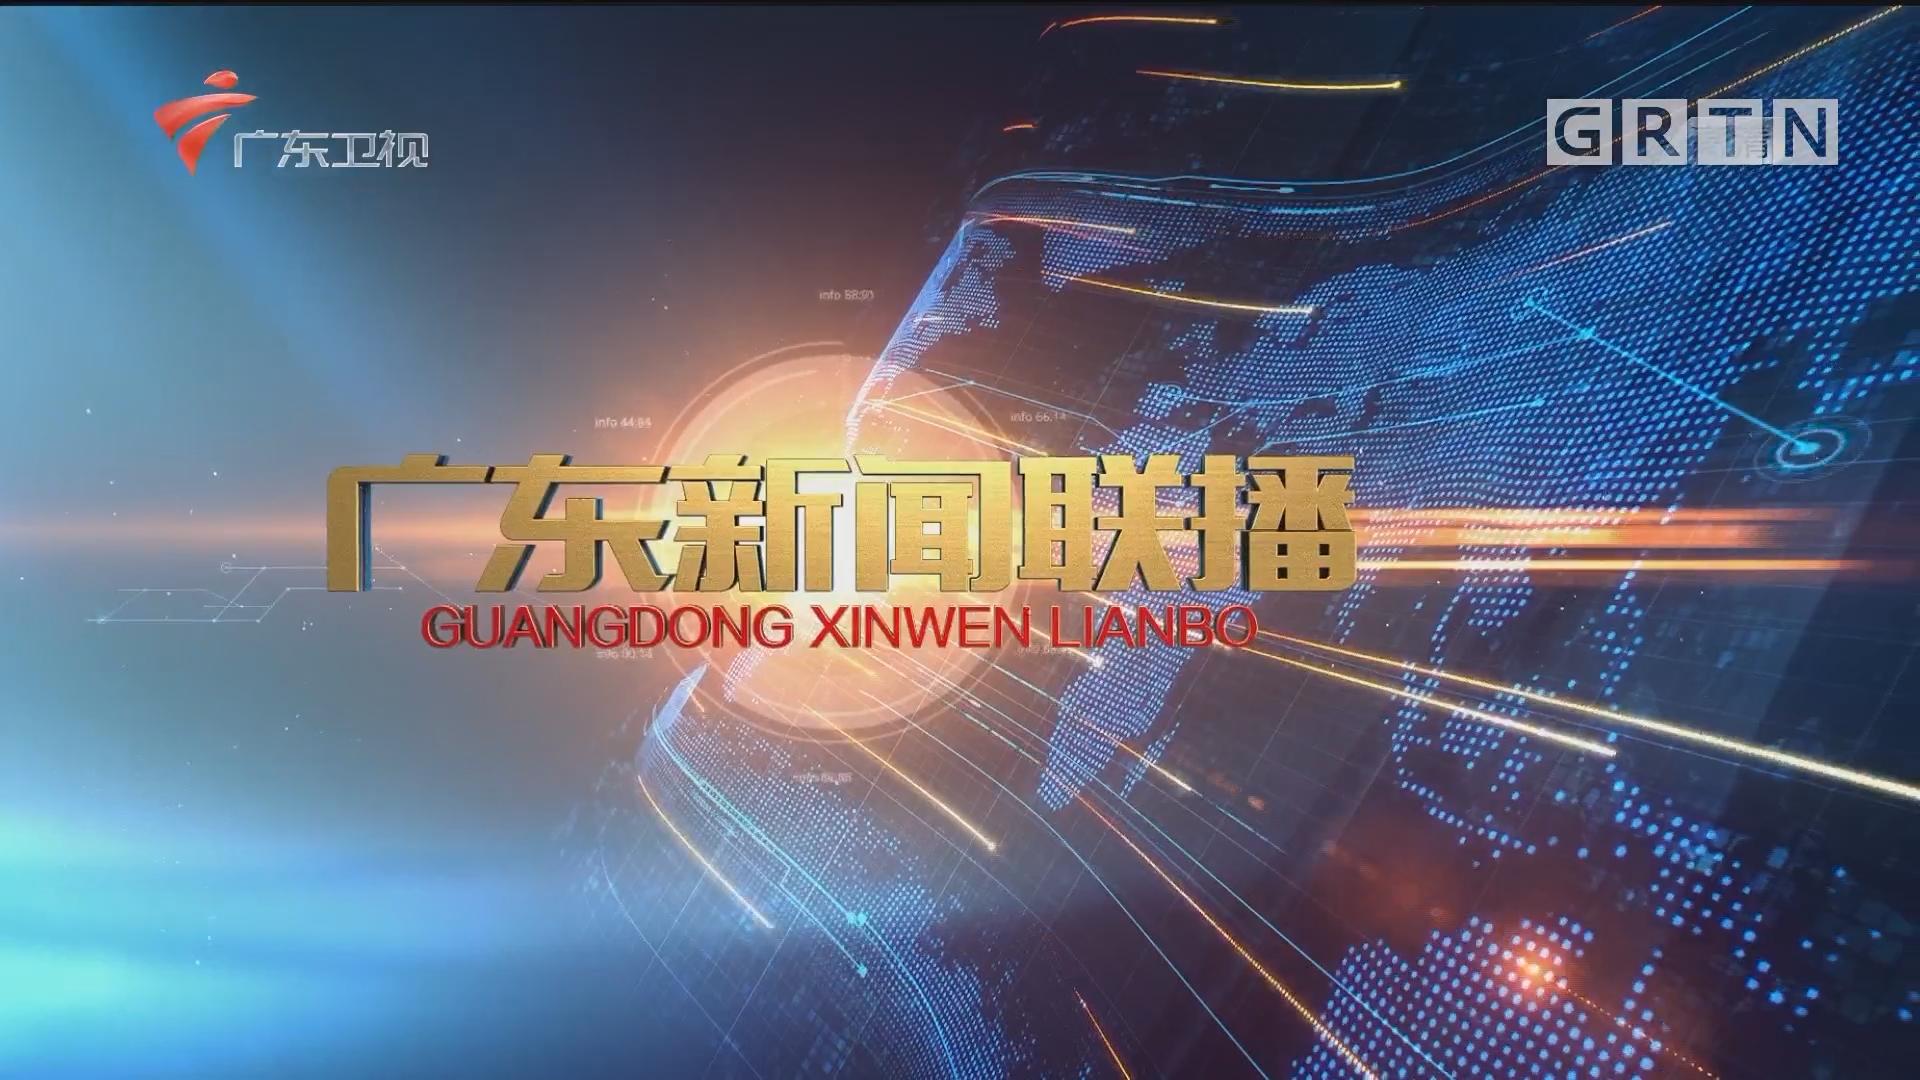 [HD][2017-11-15]广东新闻联播:李希在梅州调研时强调 铭记光辉历史传承红色基因